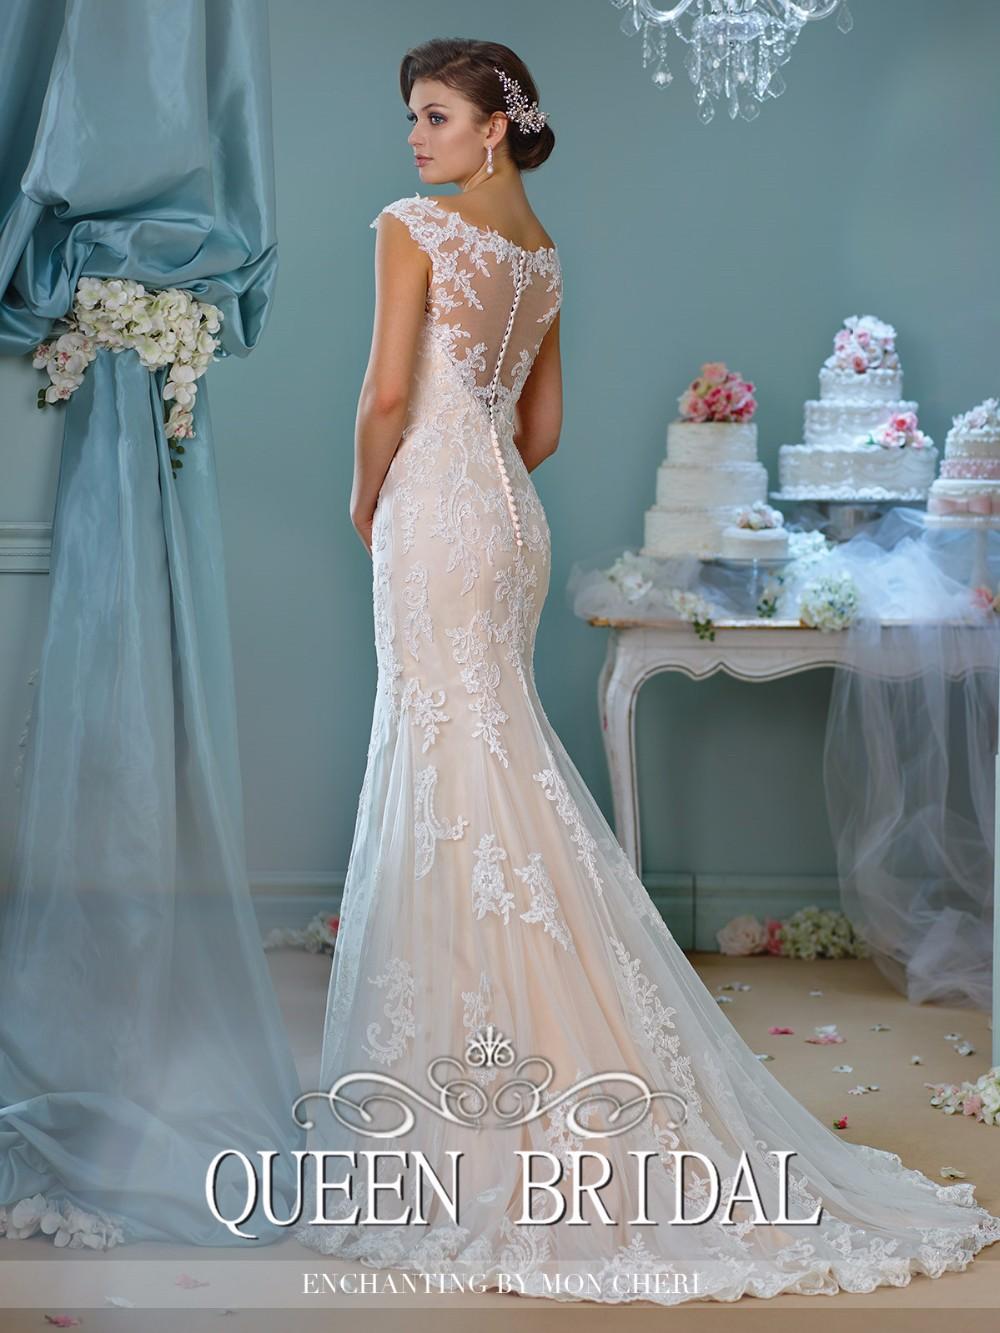 Magnificent Vestidos De Novia Juegos Image Collection - All Wedding ...